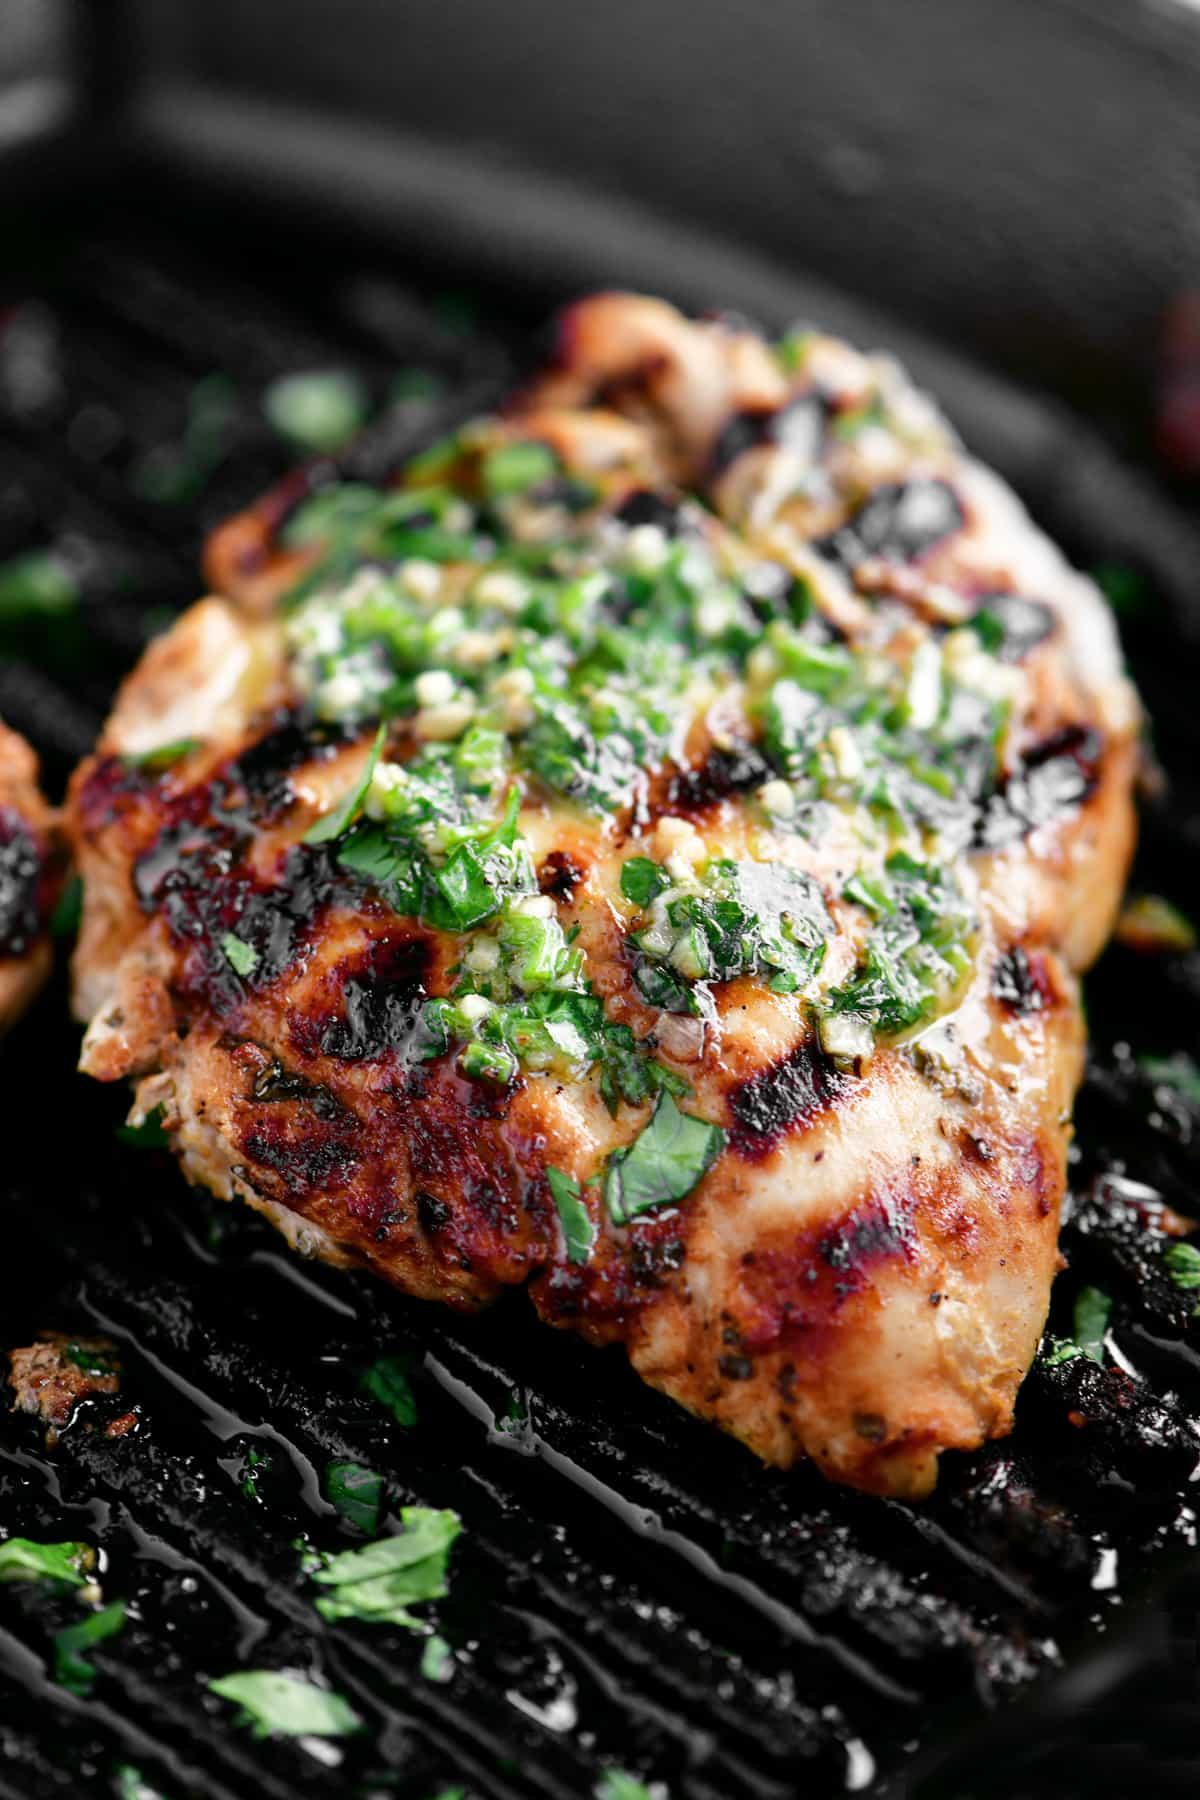 a seasoned chicken breast in a pan